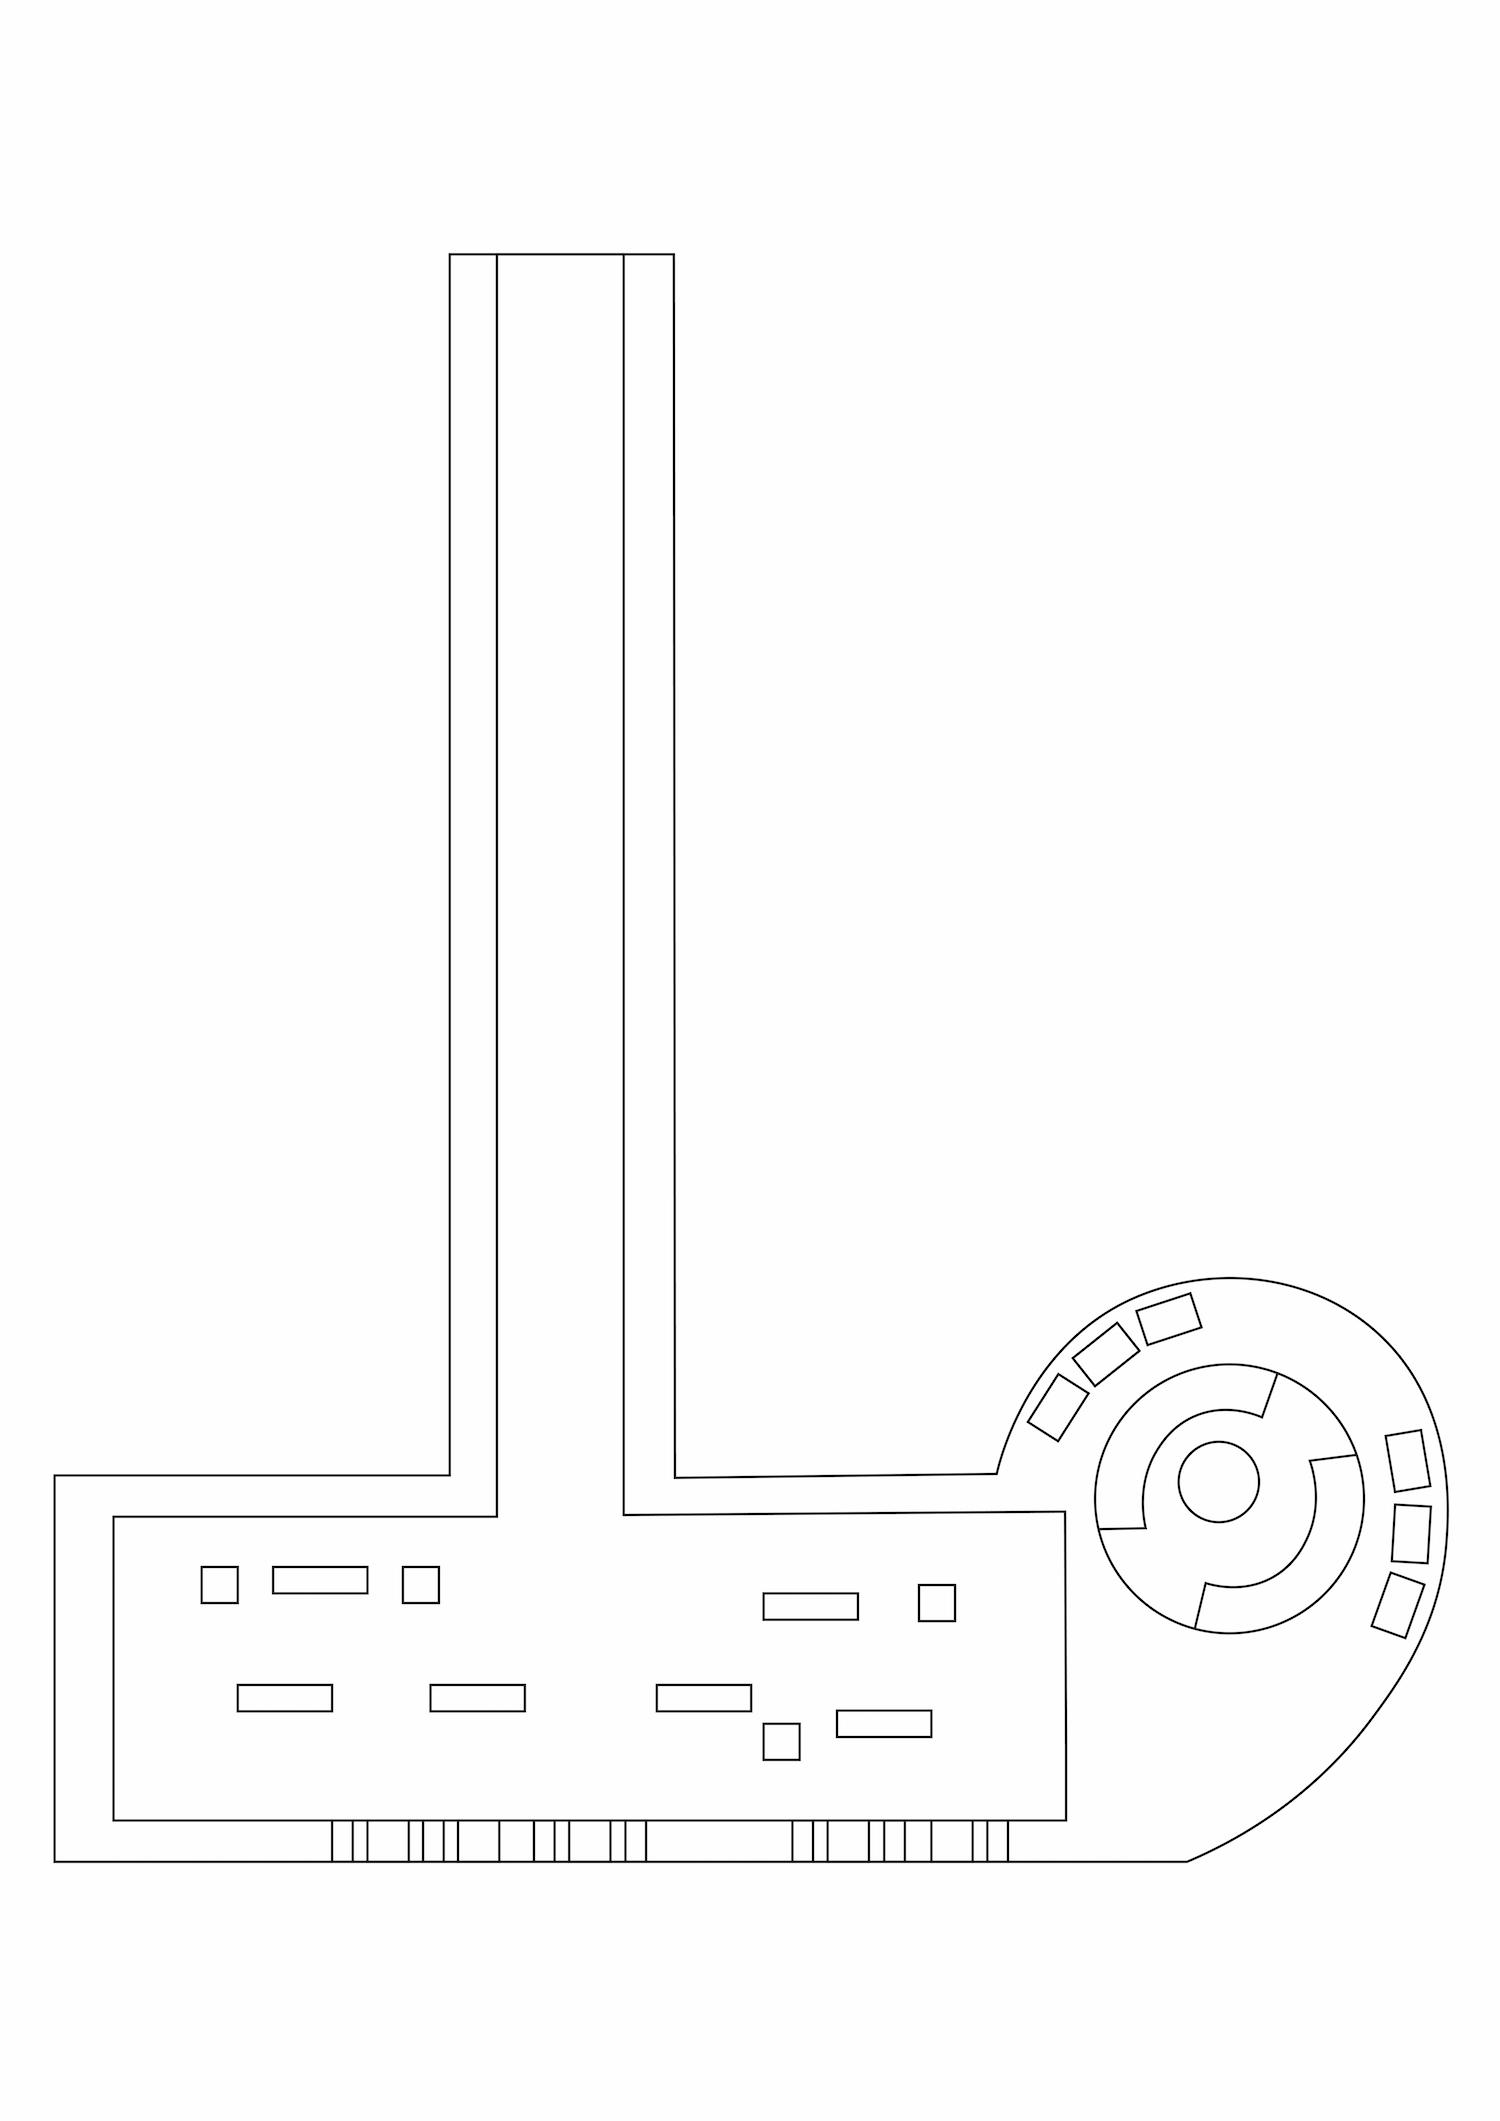 48_Zeichenfläche 1.jpg